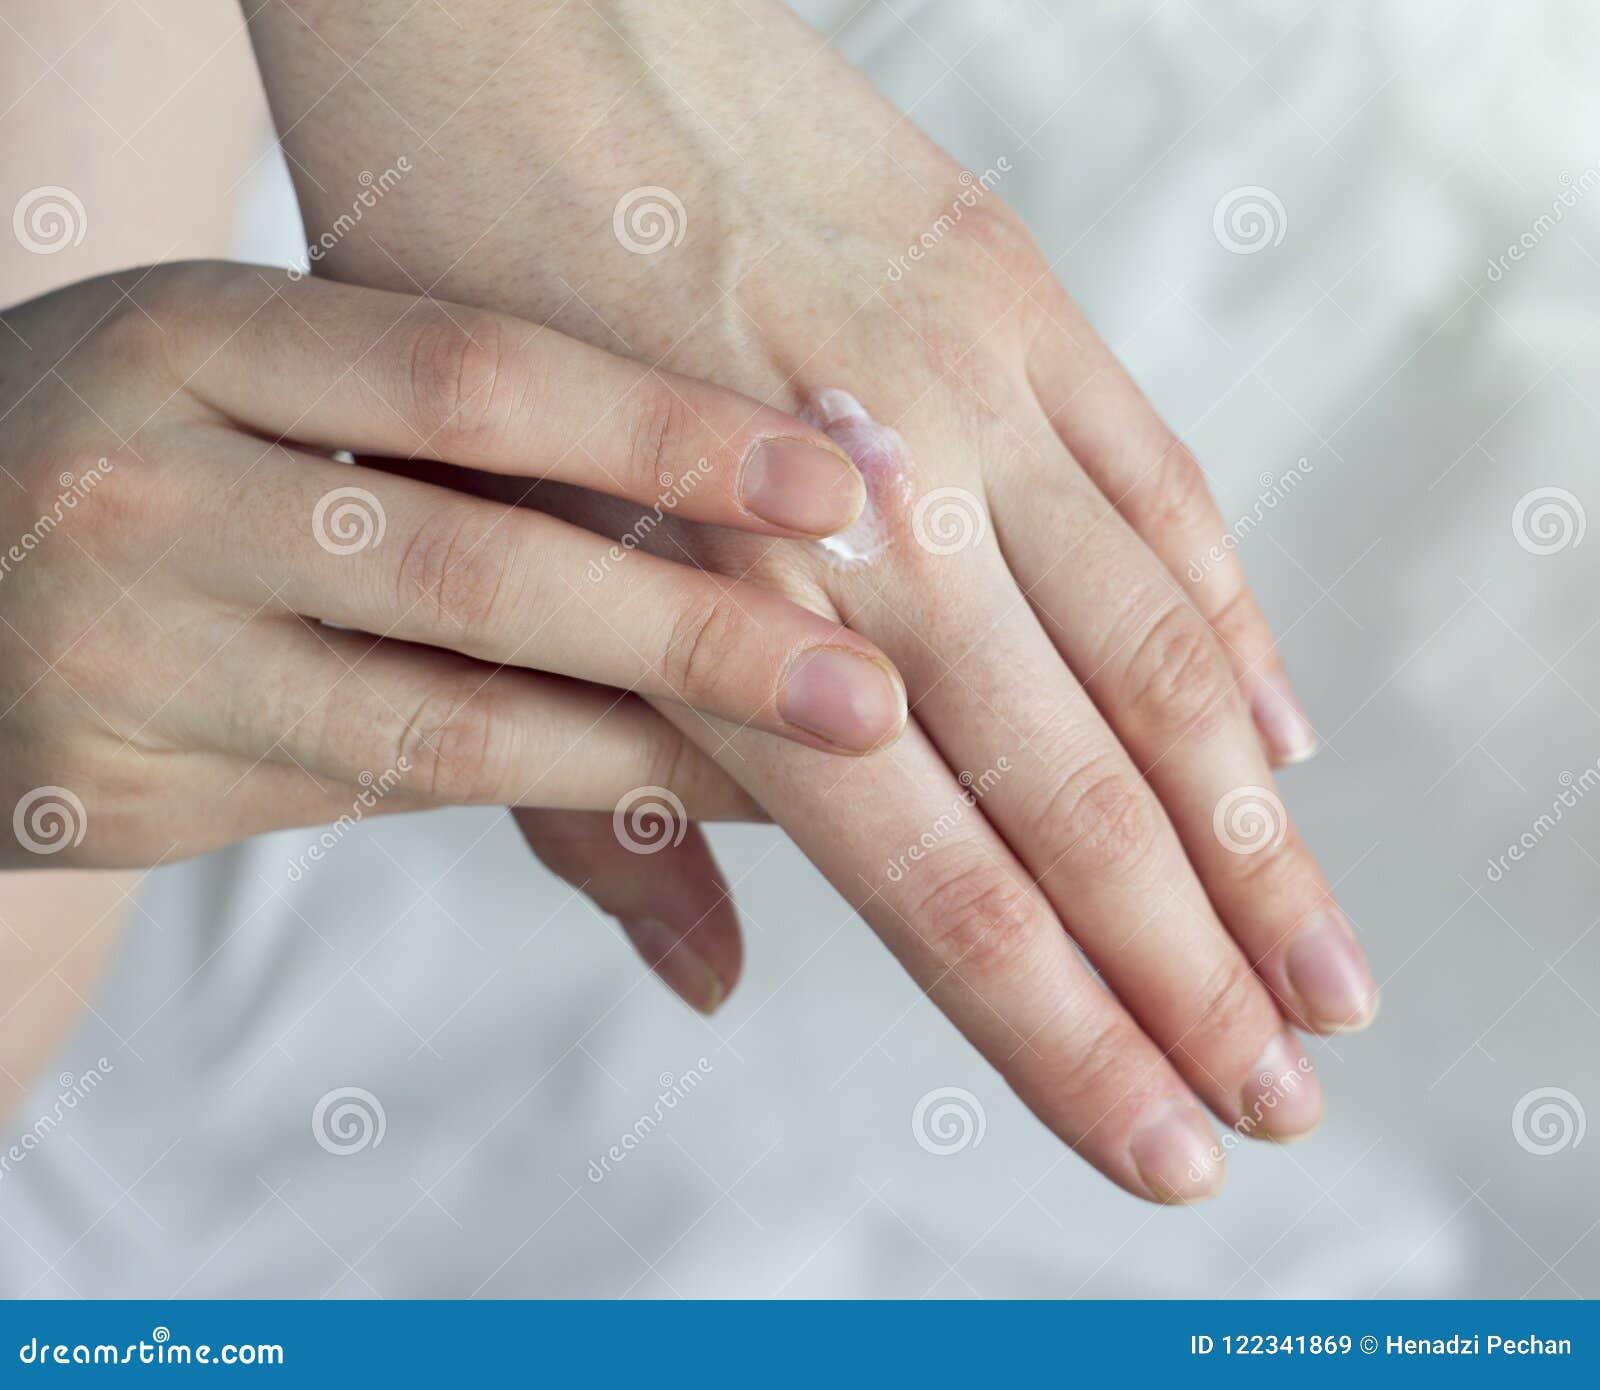 Ein Mädchen schmiert eine Handcreme auf einer weißen Hintergrundcreme